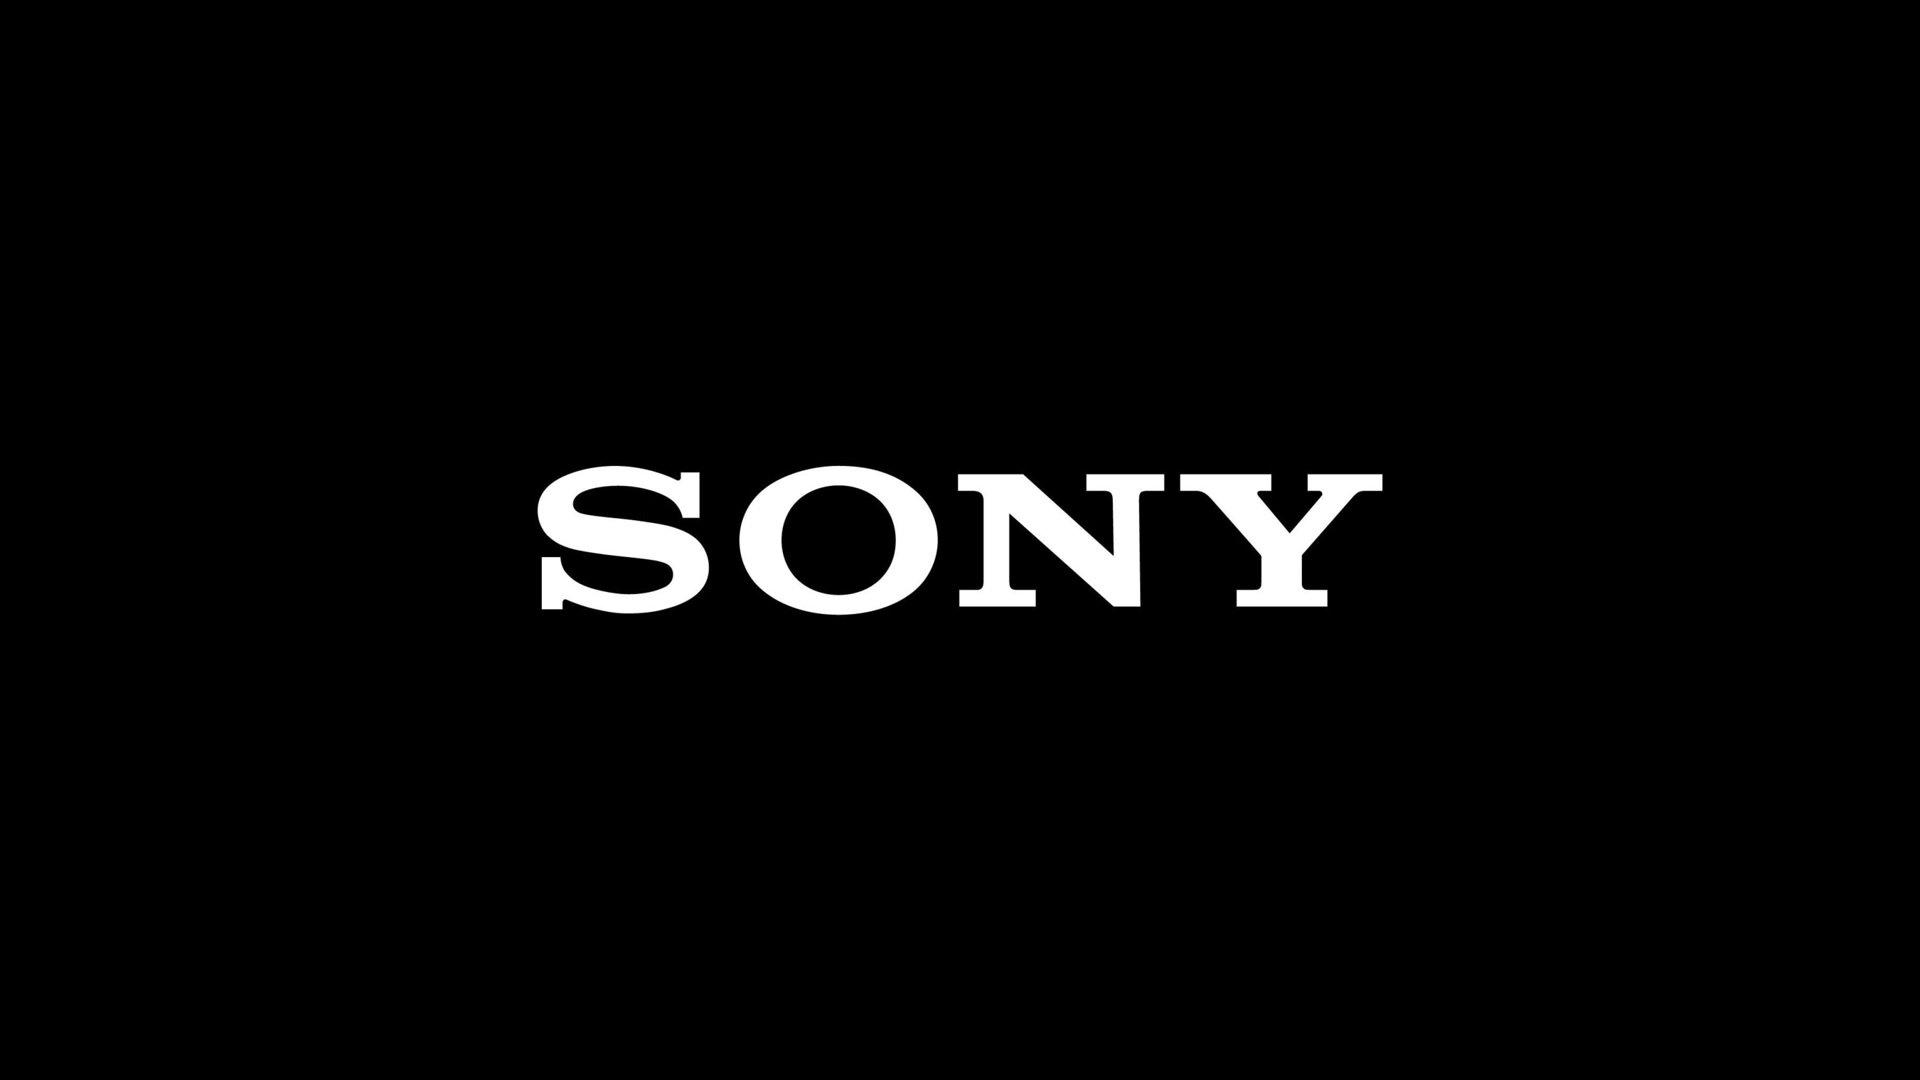 Si Sony n'autorise pas le cross-play, c'est un problème monétaire